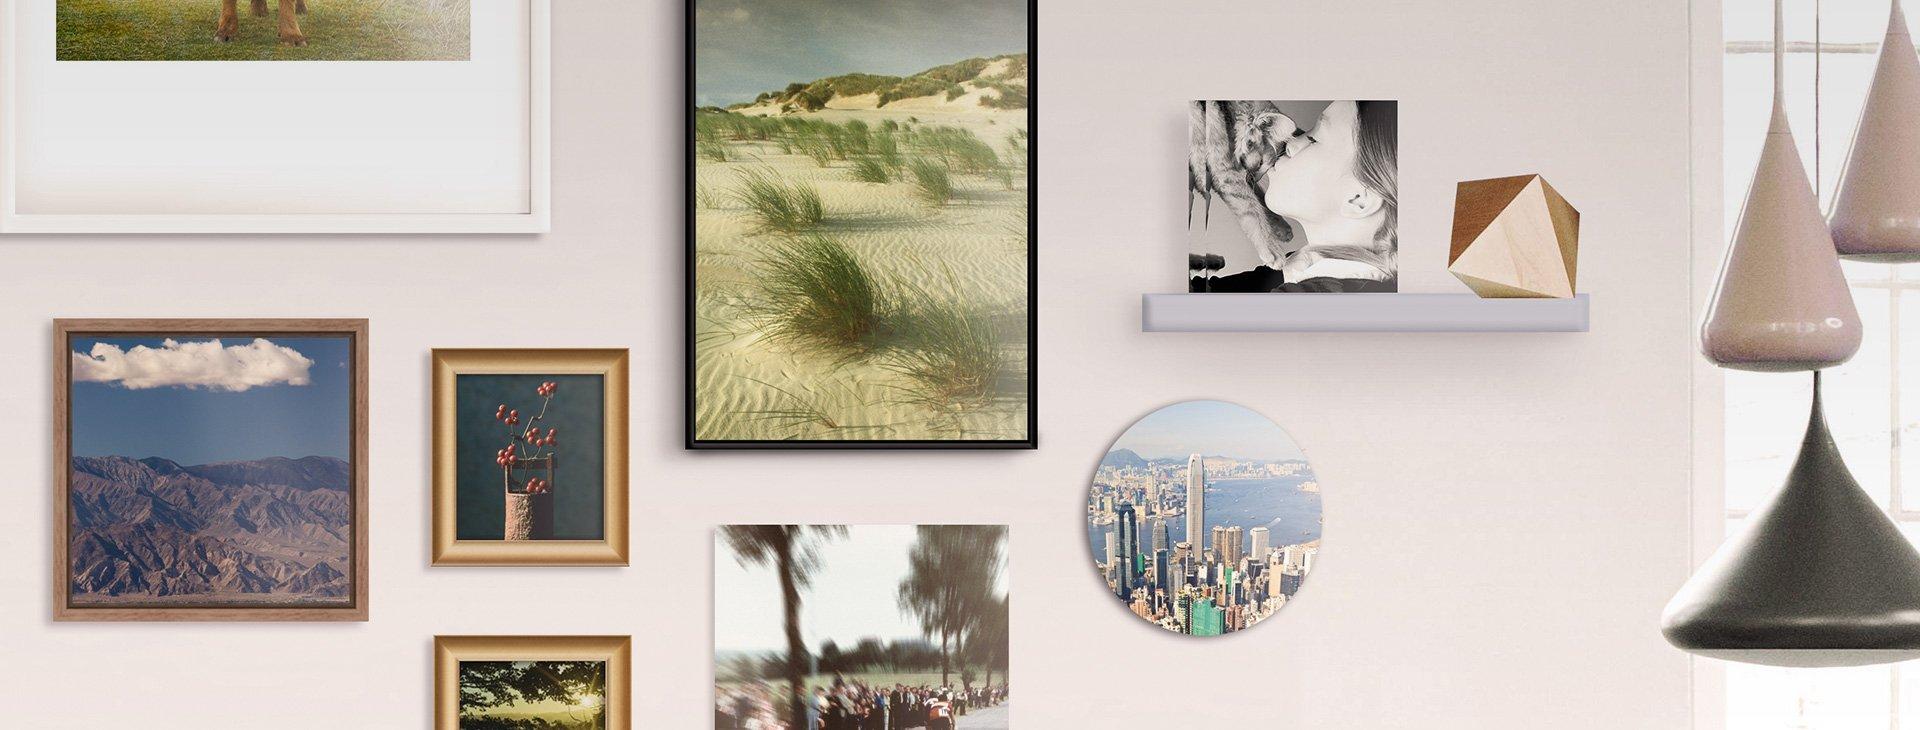 Whitewall ihre stores im stilwerk d sseldorf for Stilwerk berlin verkaufsoffener sonntag